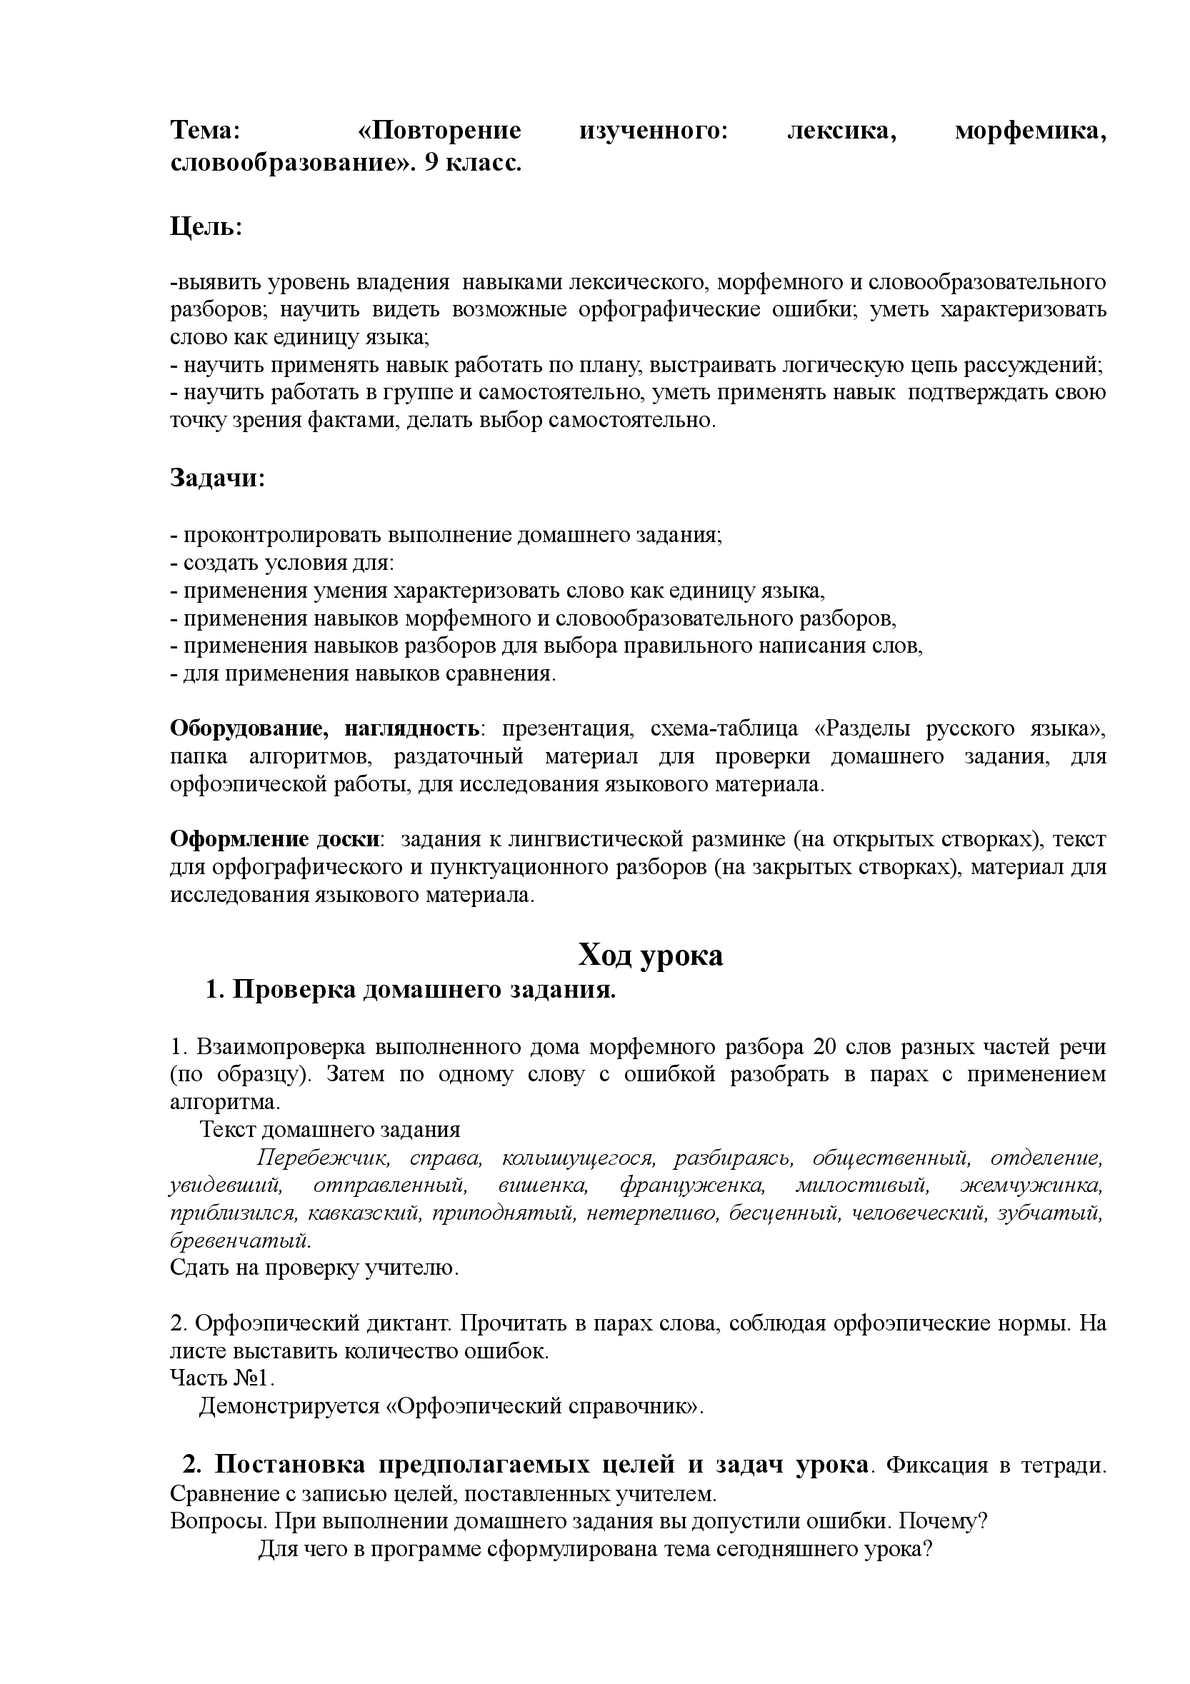 Взять потребительский кредит без справок и поручителей в красноярске